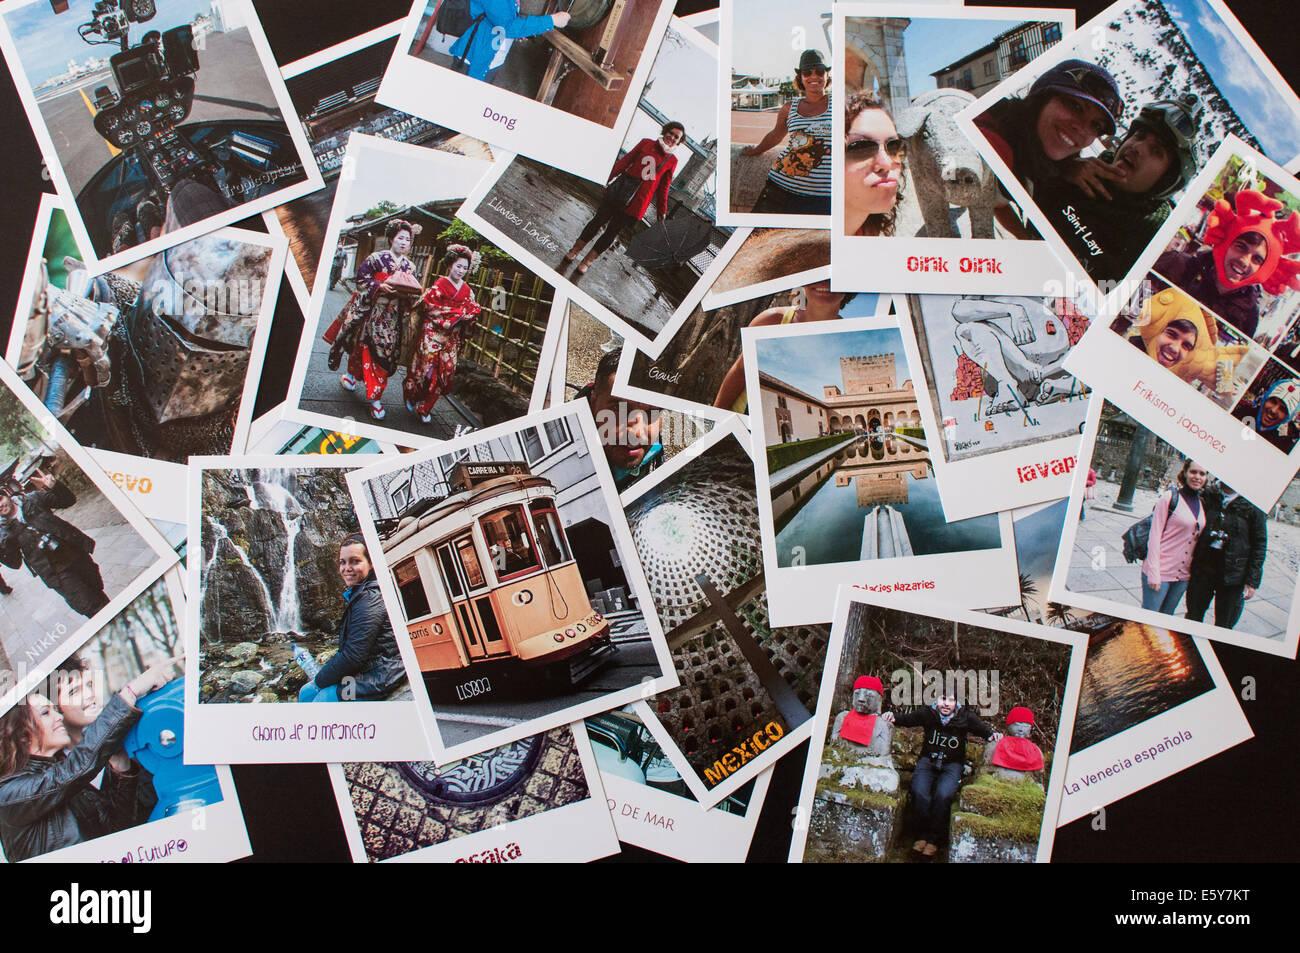 Beaucoup de photos Photo Stock